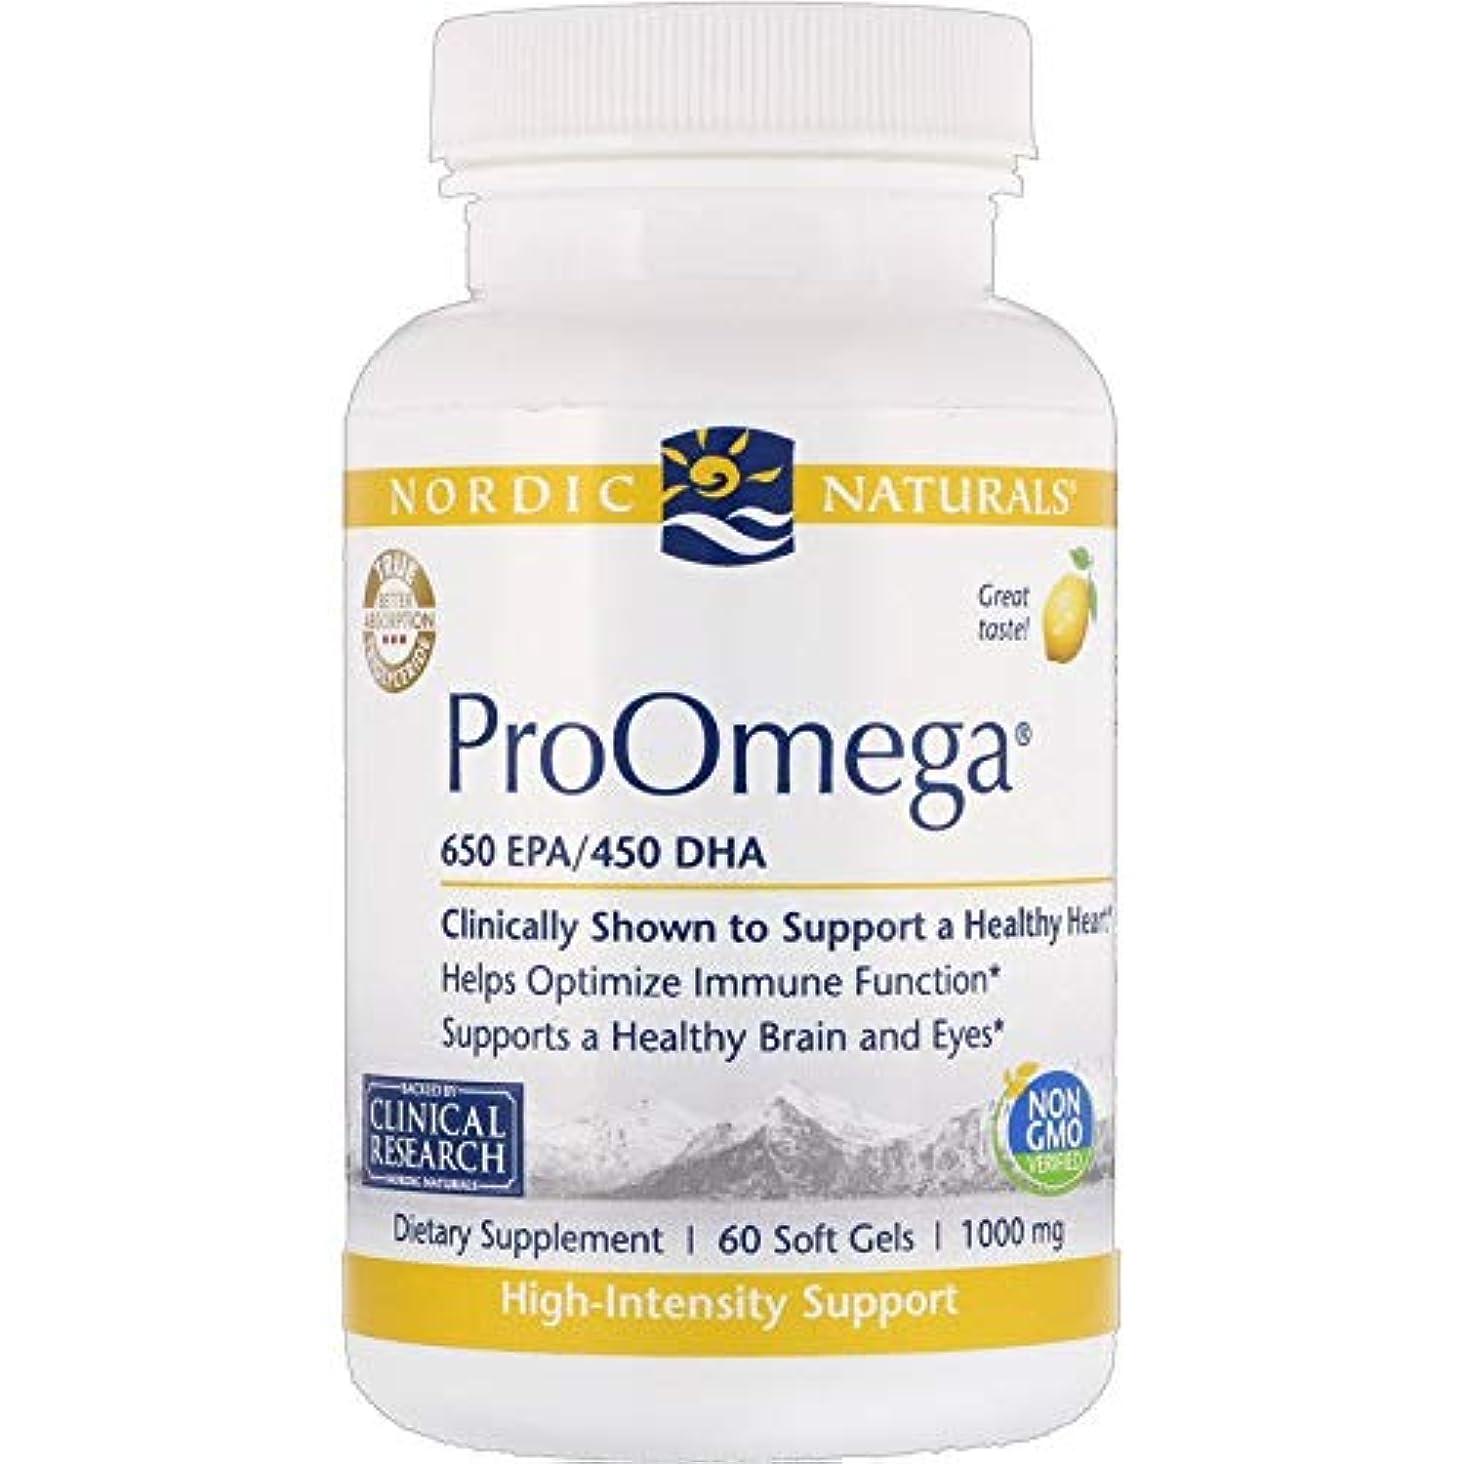 膨張する相反する慎重にNordic Naturals ProOmega プロオメガ レモン味 650 EPA / 450 DHA 1000 mg 60粒 [海外直送品]